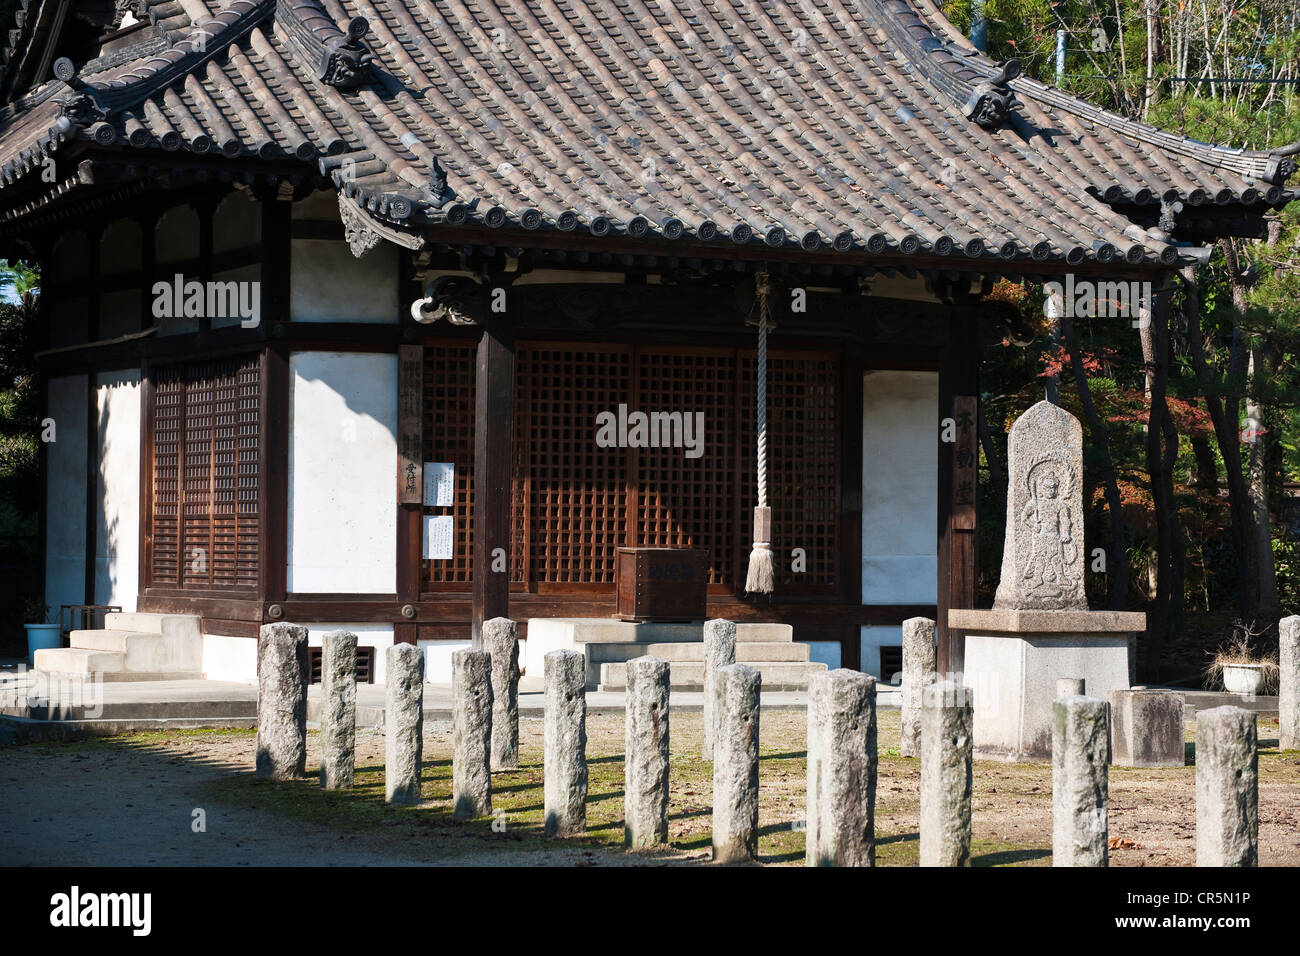 Japan, Honshu Island, Kinki Region, city of Nara, Historic Monuments of Ancient Nara UNESCO World Heritage, Yakushi - Stock Image